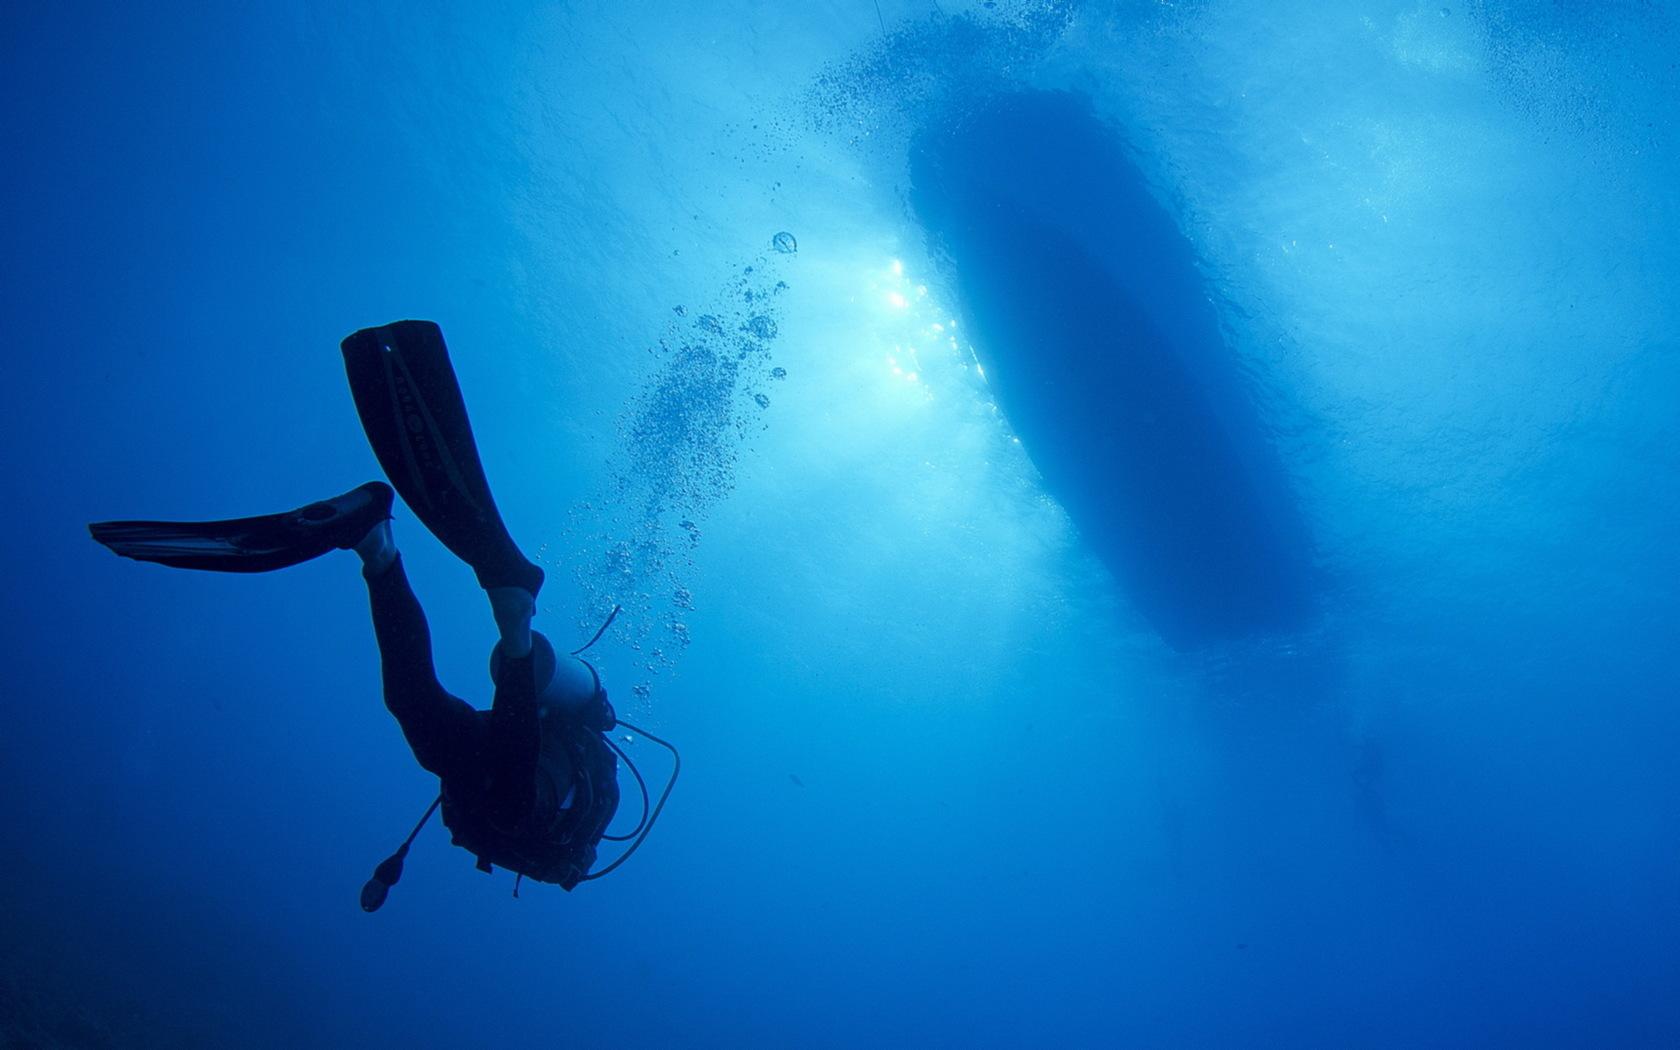 Скачать картинку Море, Люди, Пейзаж в телефон бесплатно.